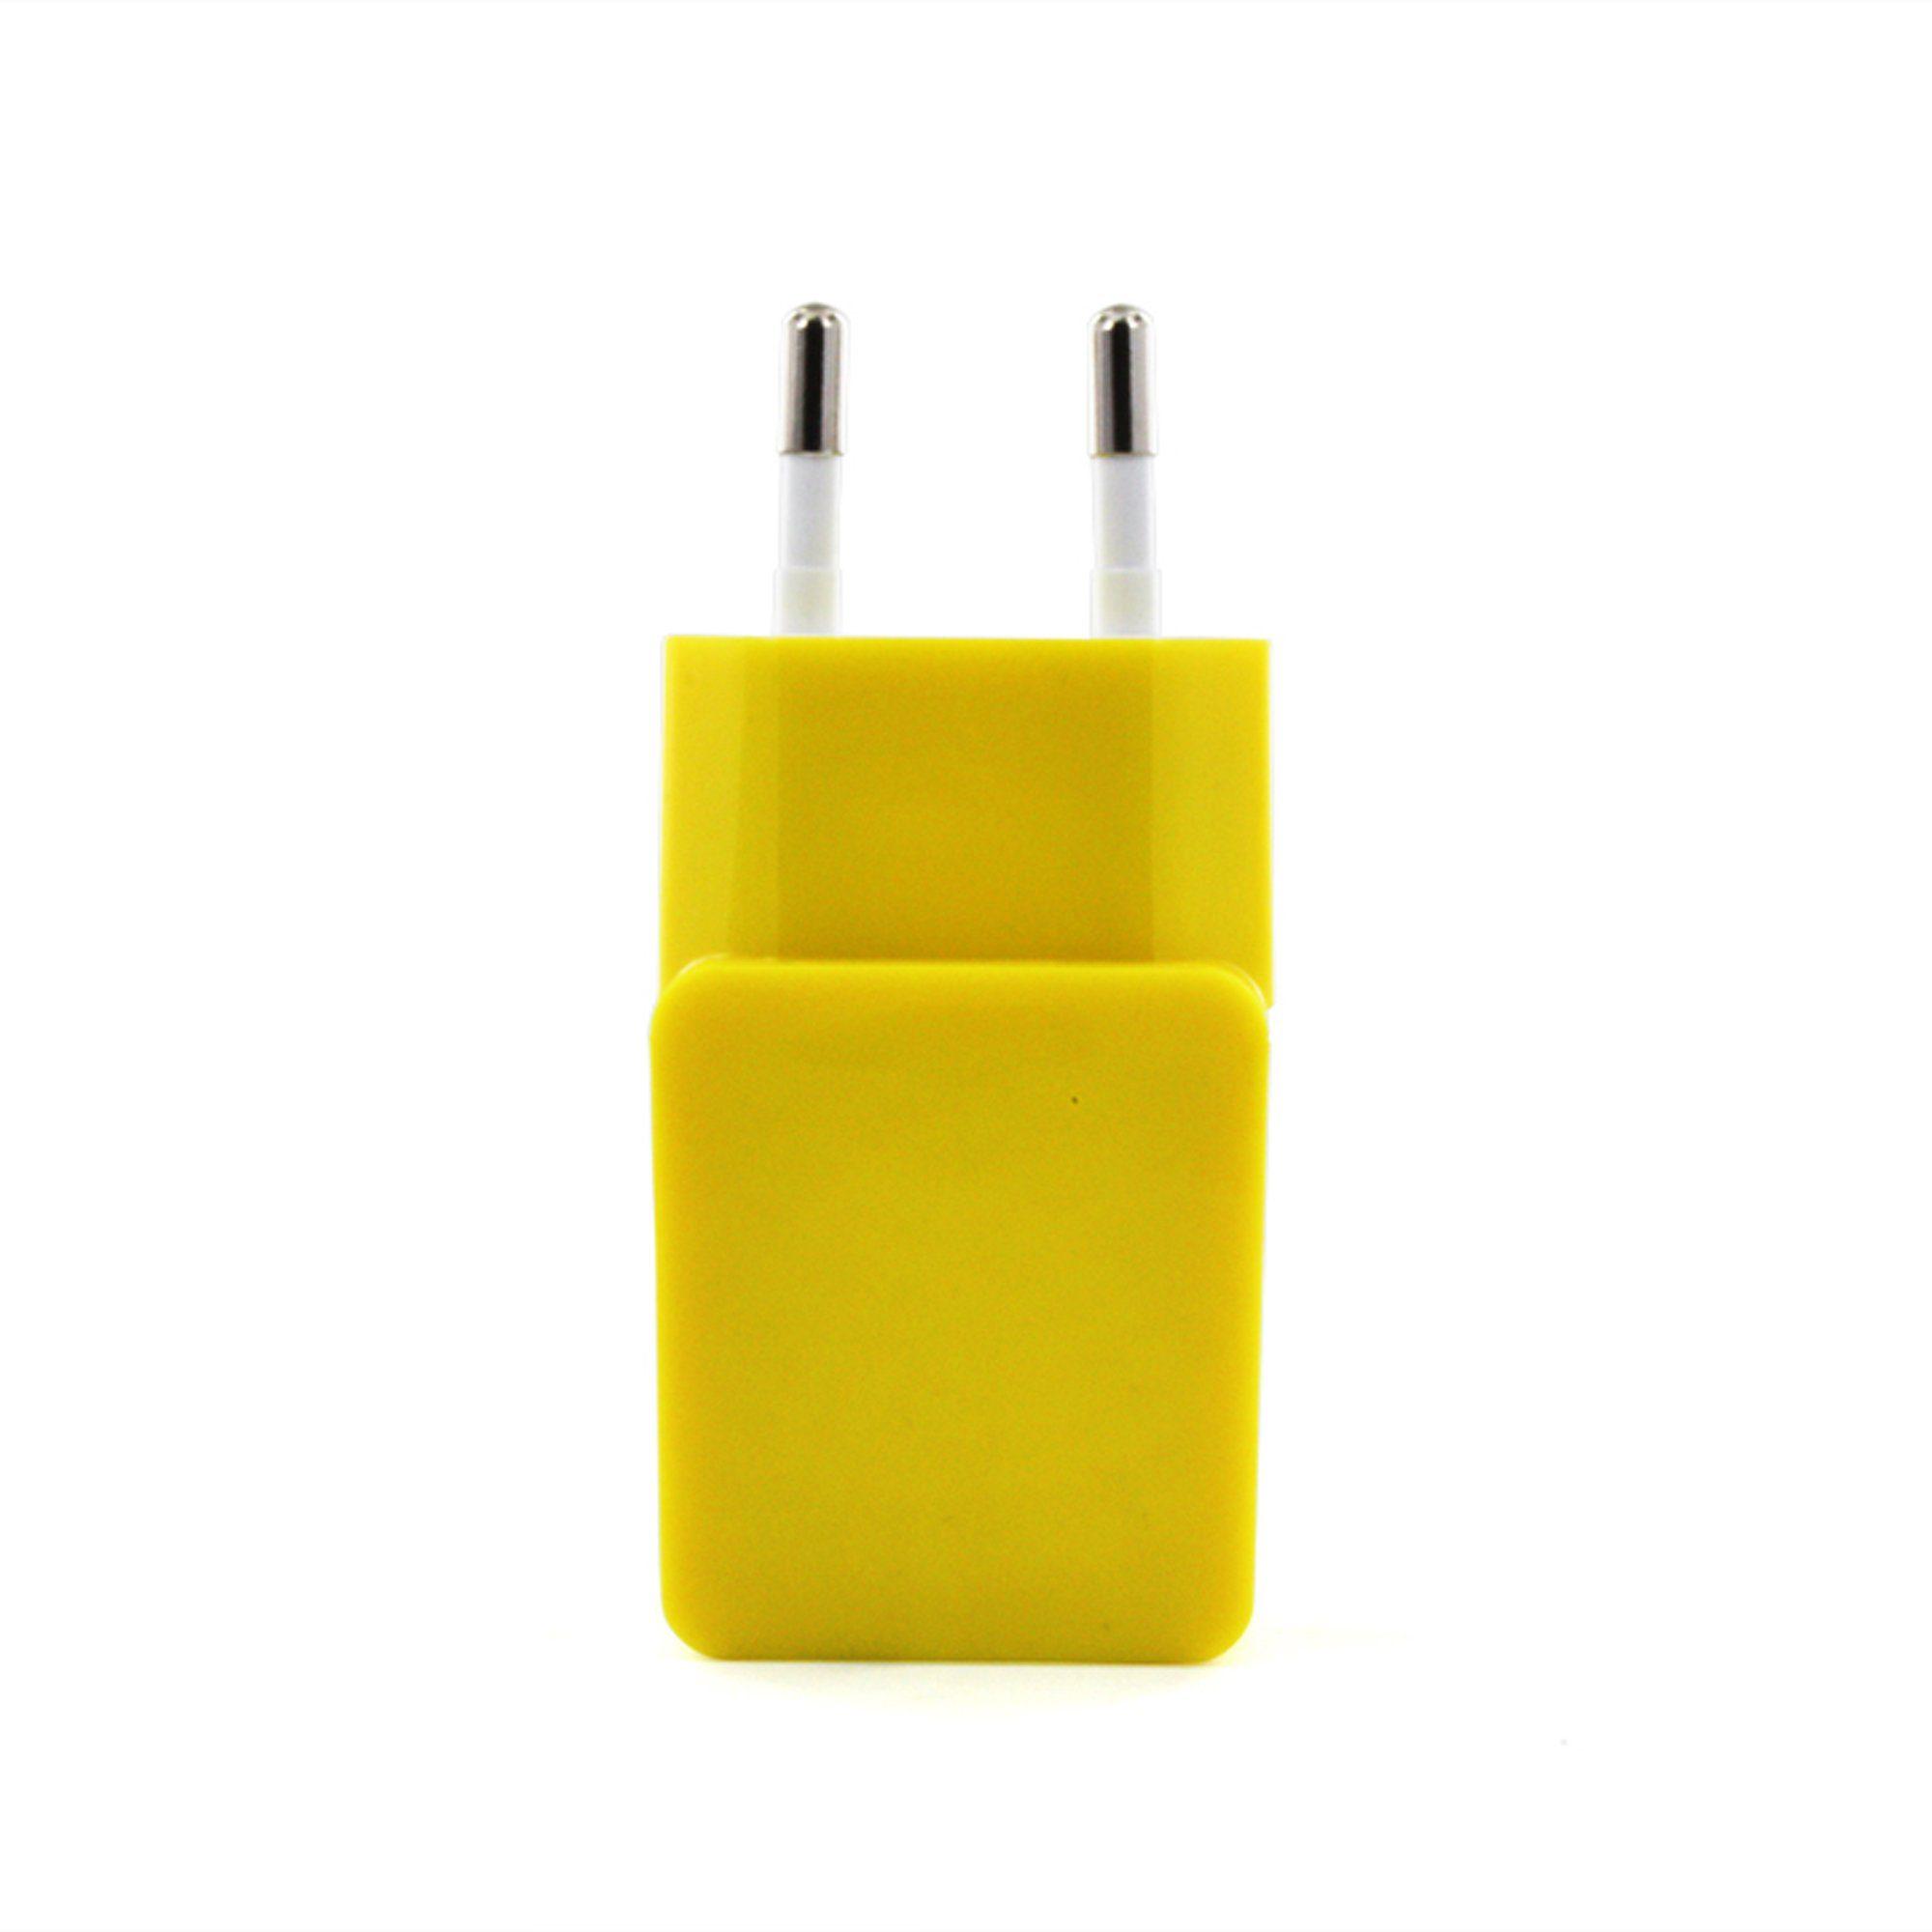 connect IT Ladegerät »IT Colour Line USB Netzteil 1A Gelb«